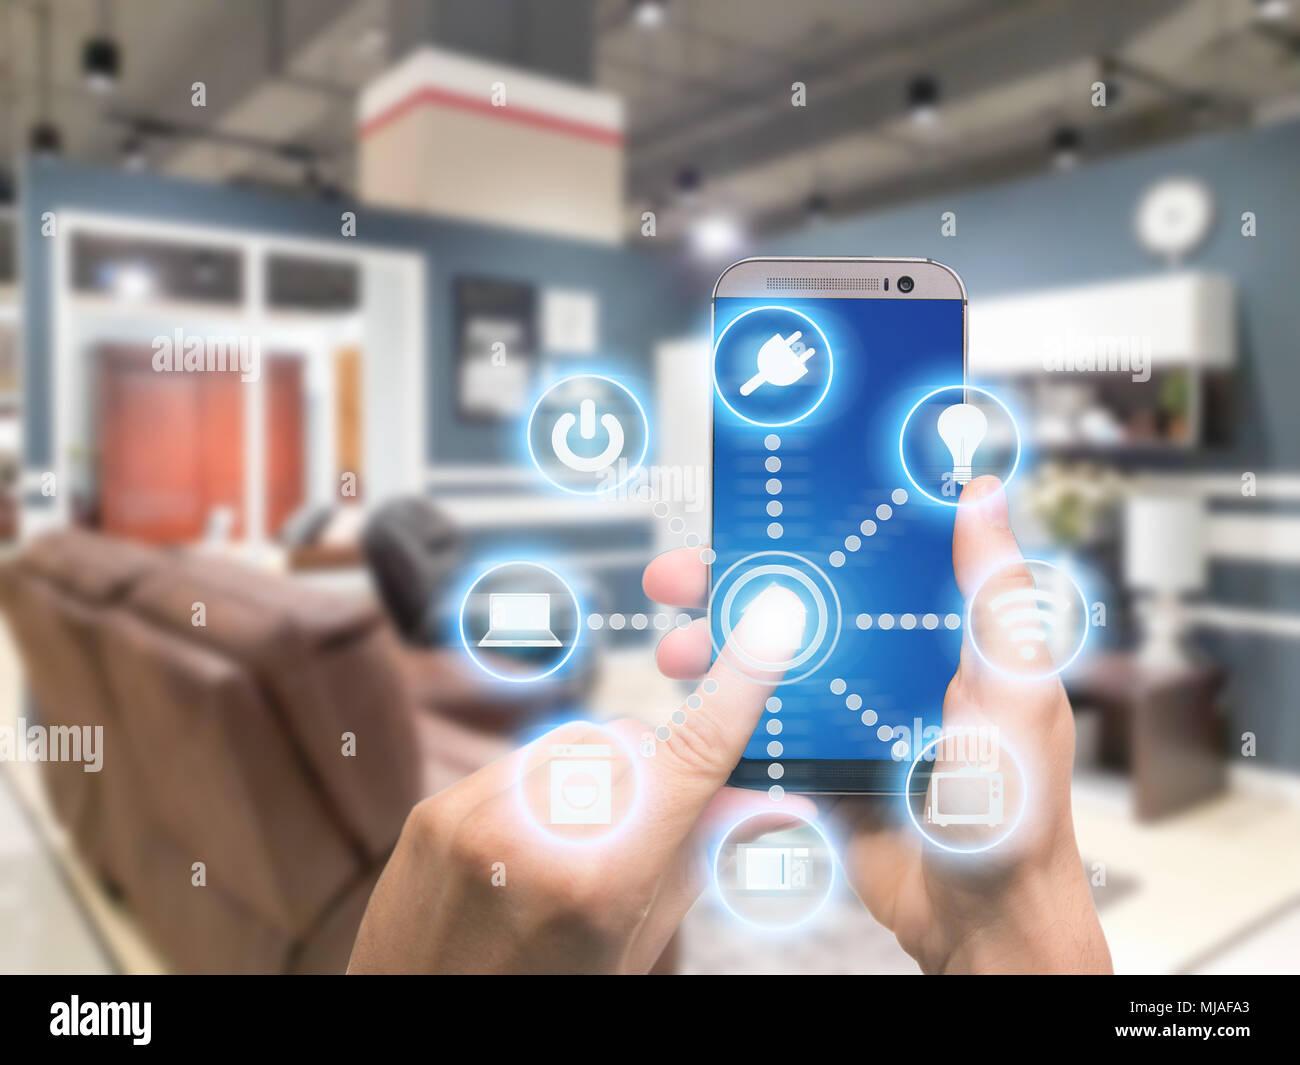 Smart home-Automation-app auf dem Handy mit Wohngebäude im ...